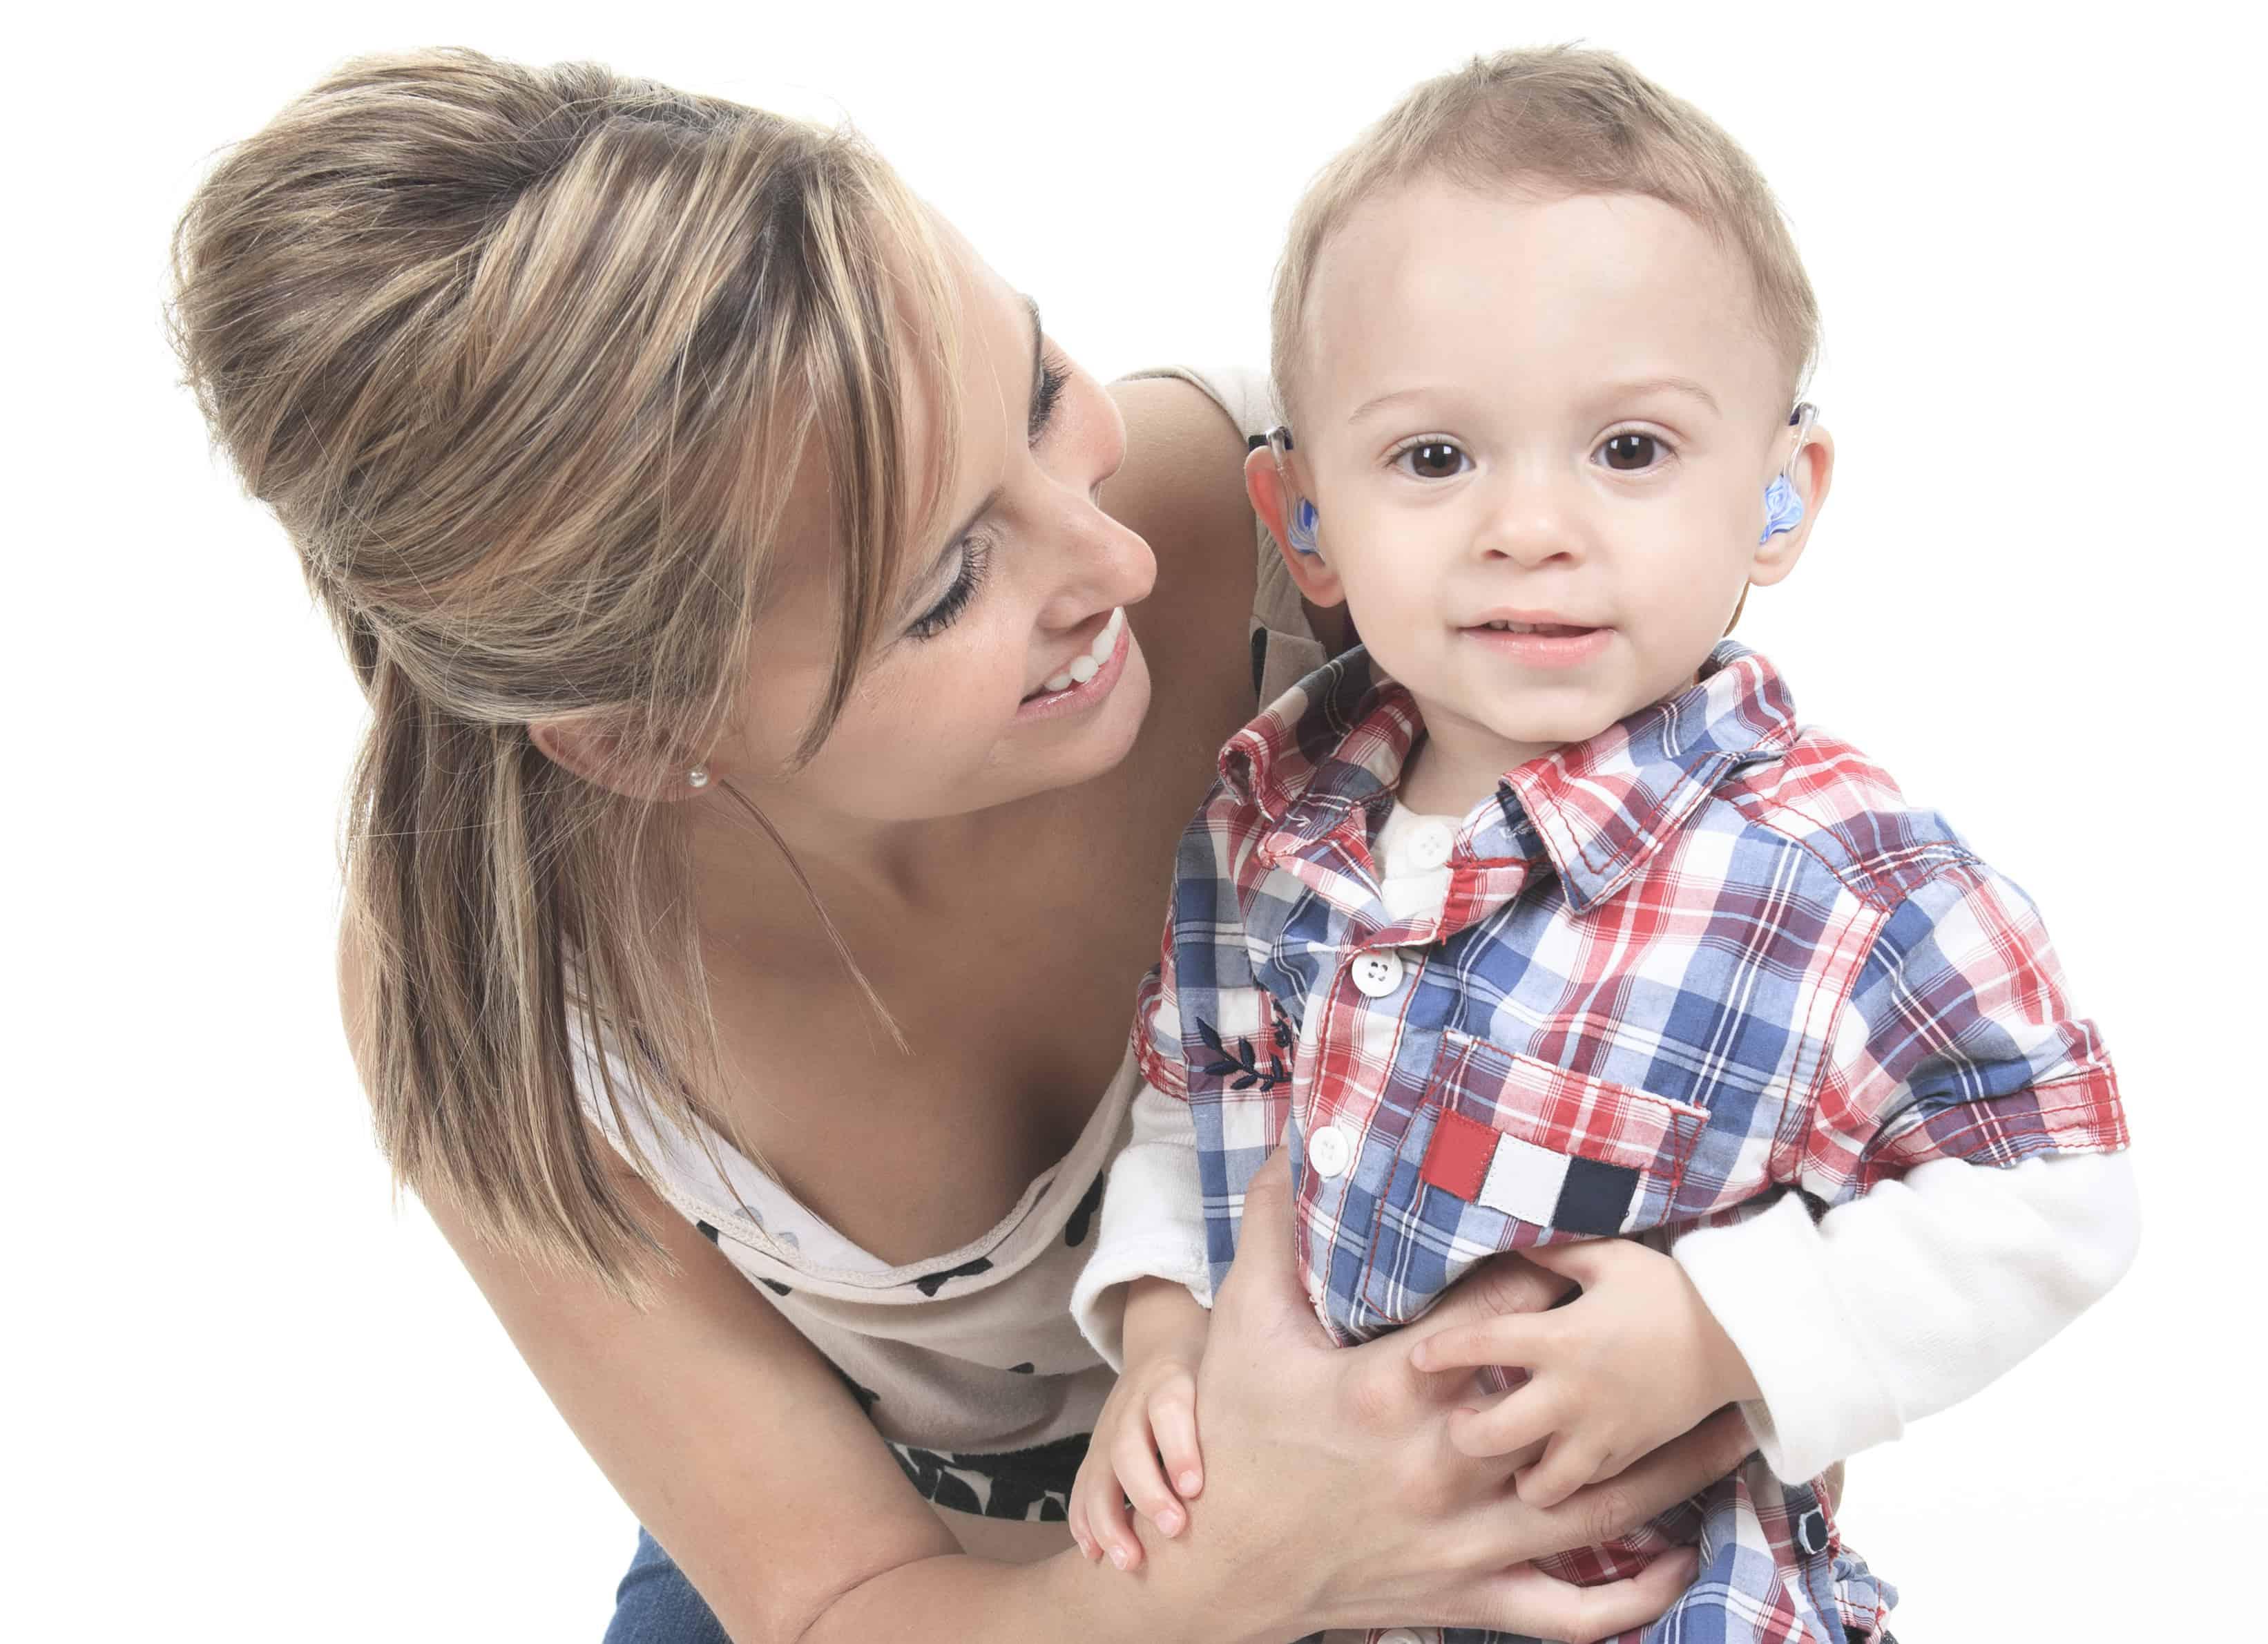 Audias Centro Auditivo, audífonos y protección auditiva Pérdida de audición en niños